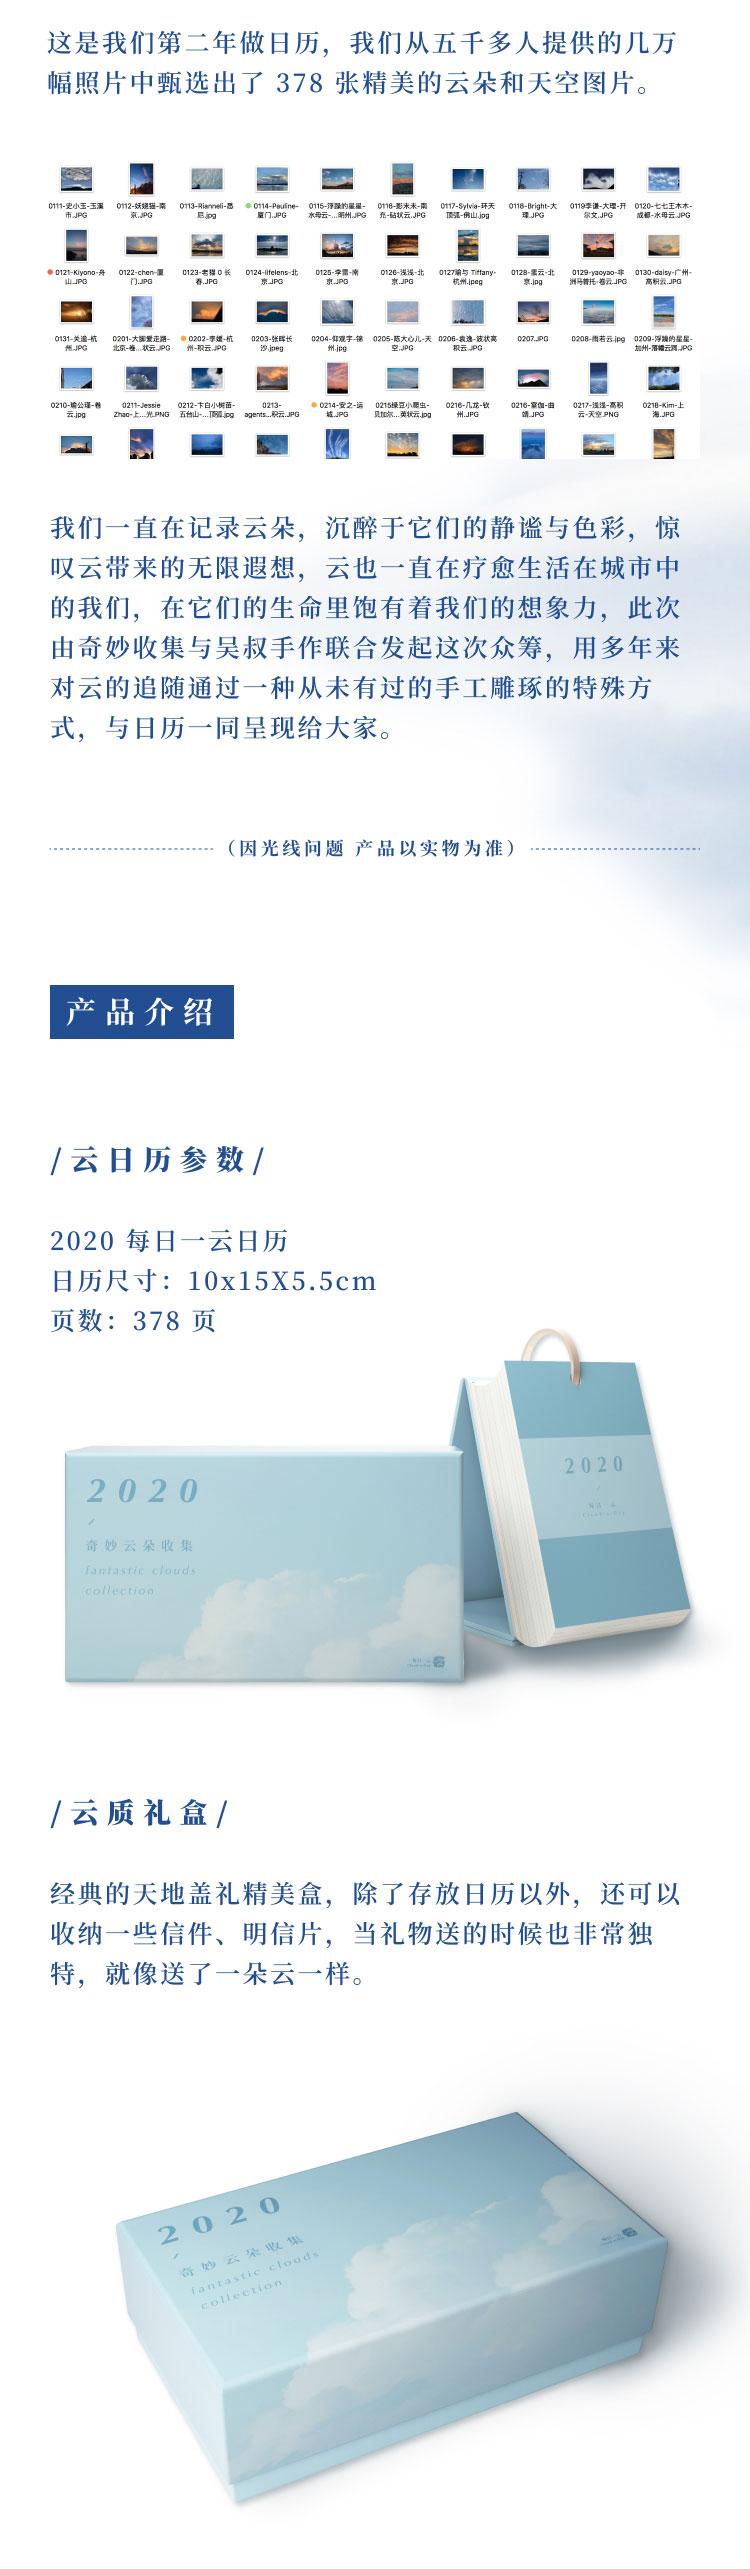 预售长图_02.jpg